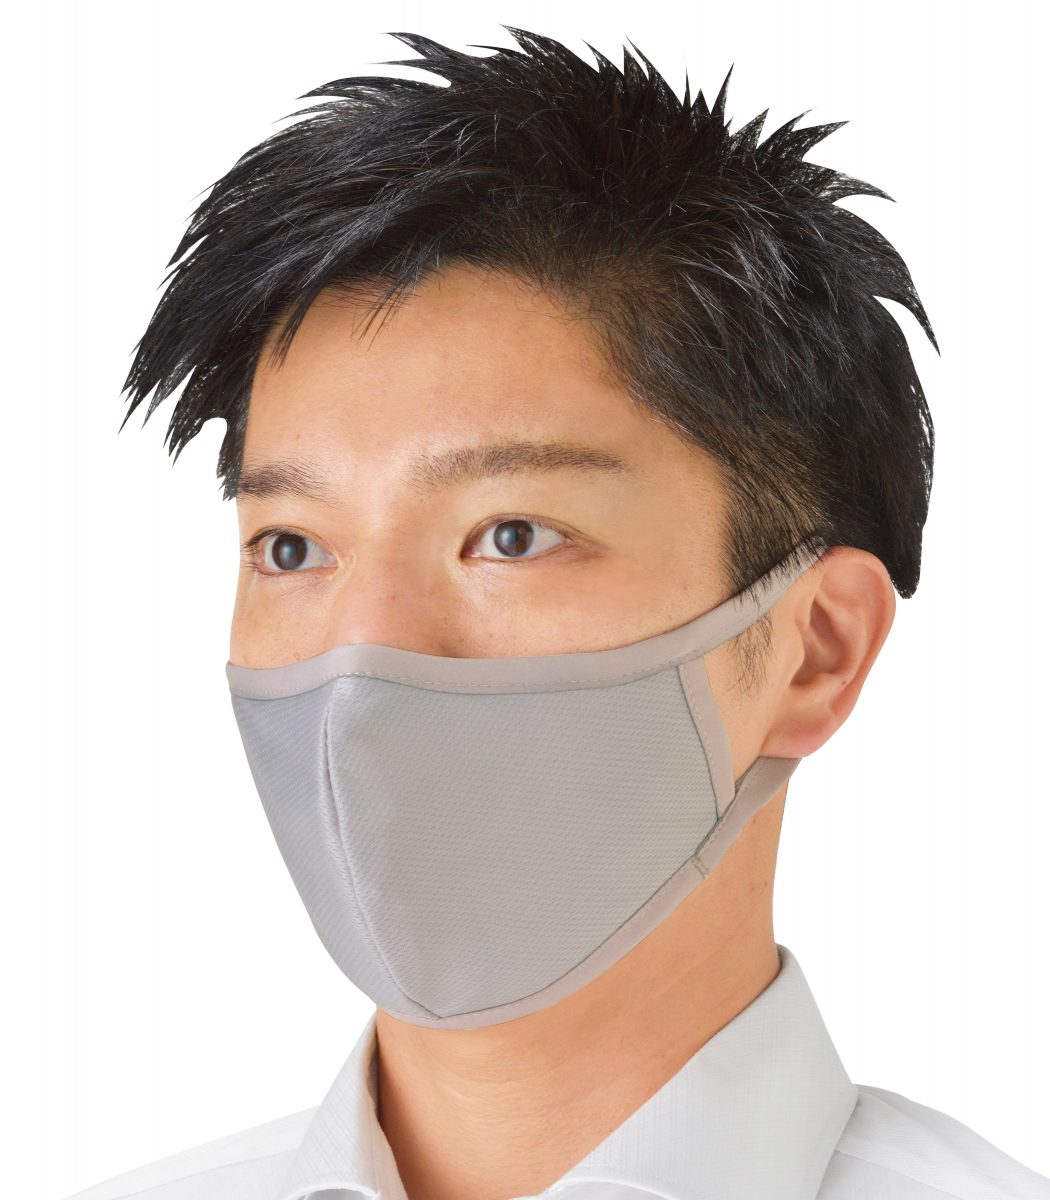 繰り返し使える 三層構造マスク1枚